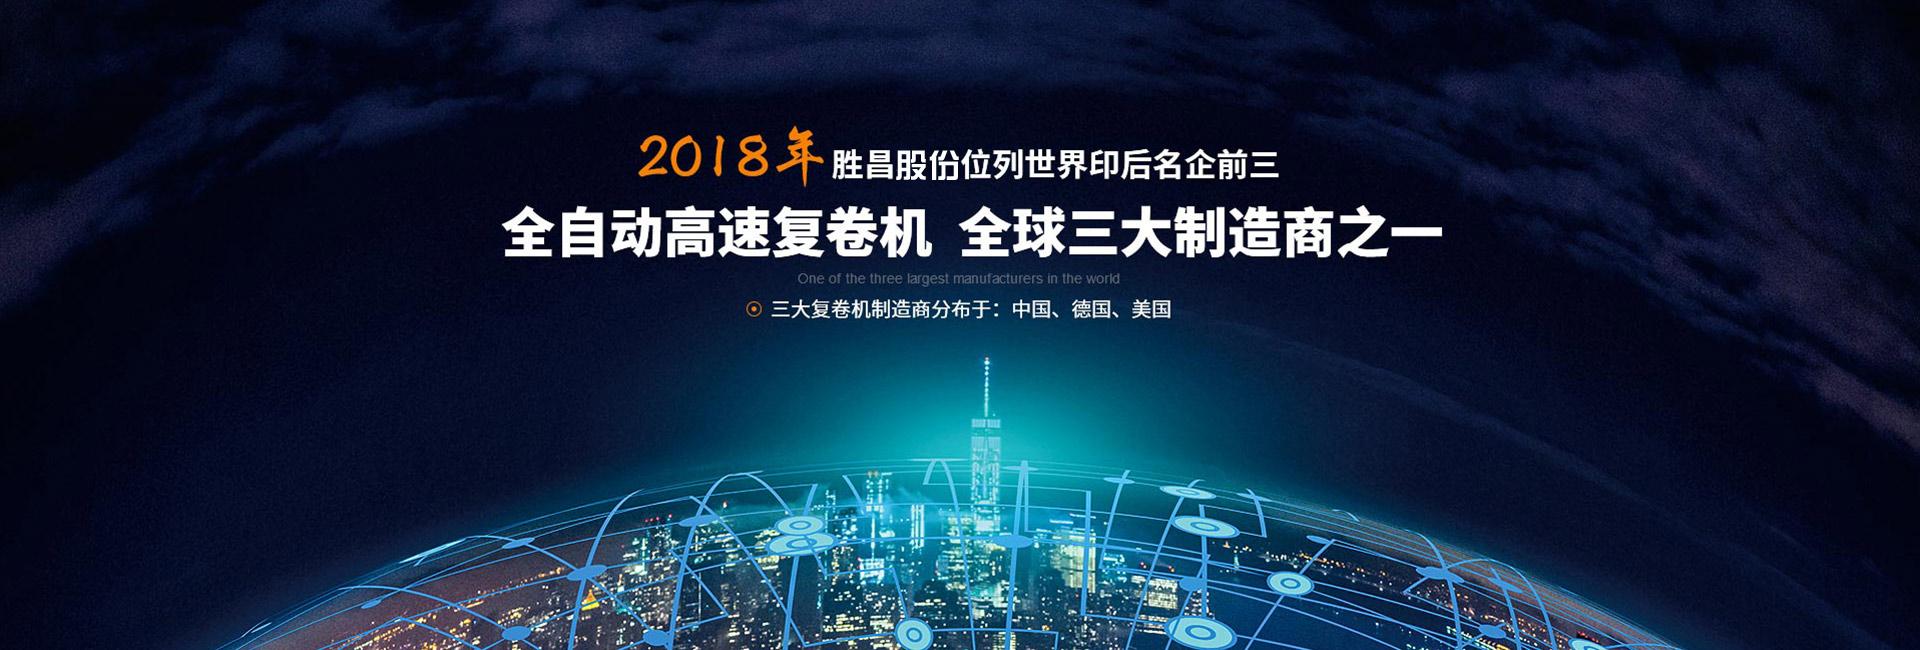 2018  胜昌机械步入世界名企行列 全自动高速复卷机的世界三大供应商之一